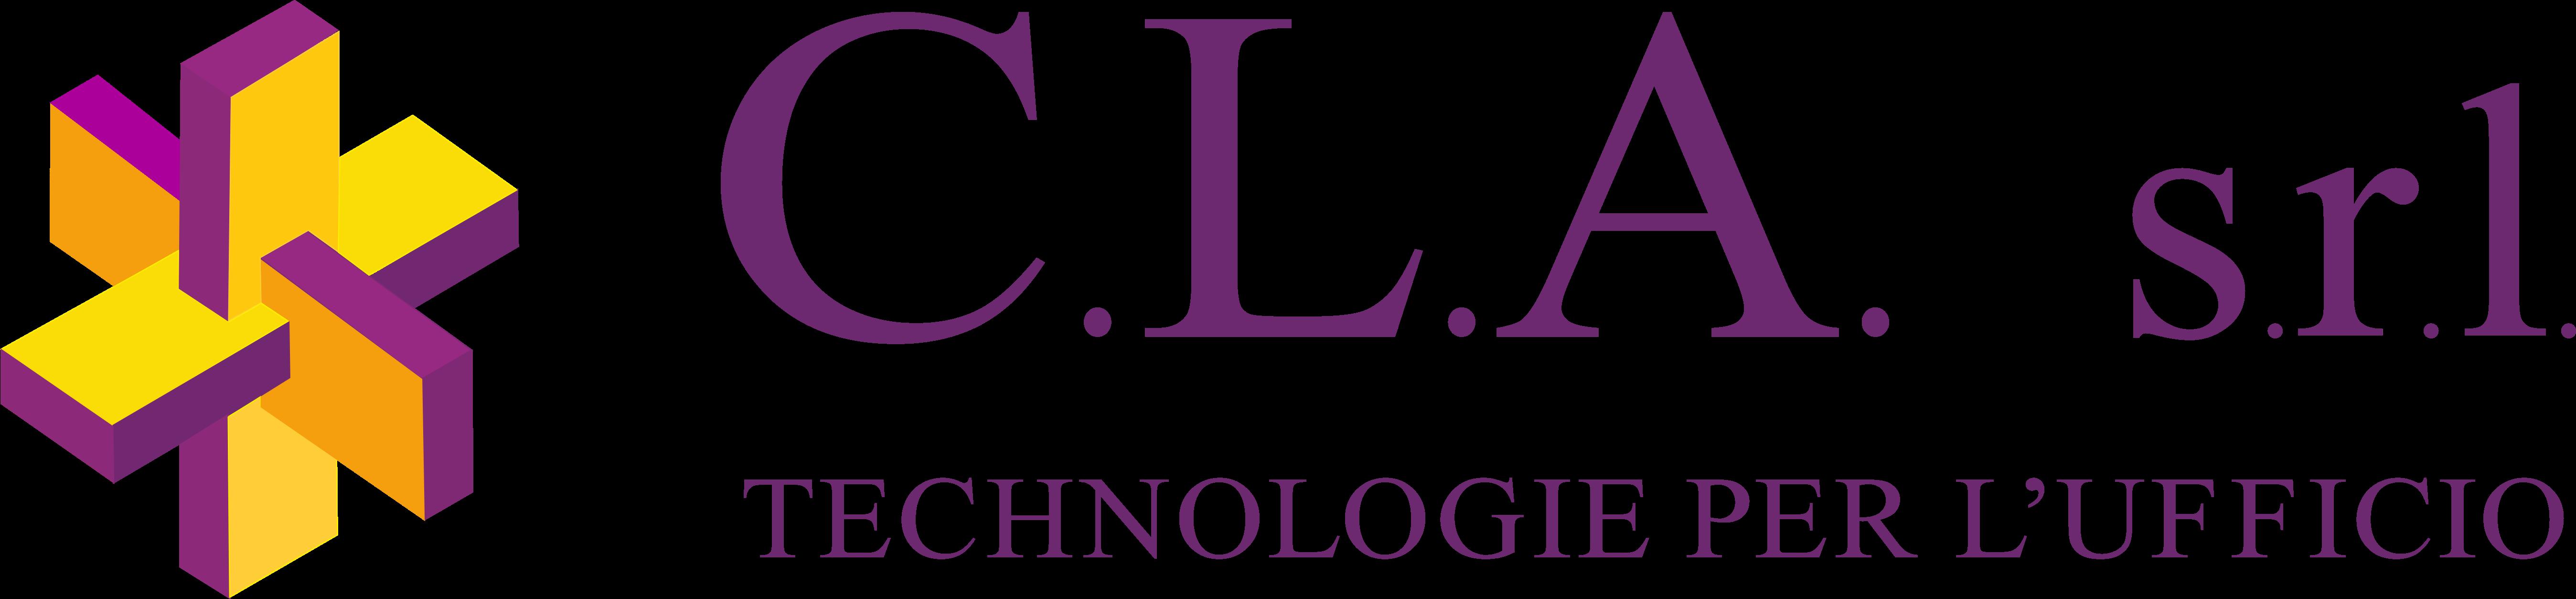 C.L.A. srl Technologie per l'ufficio